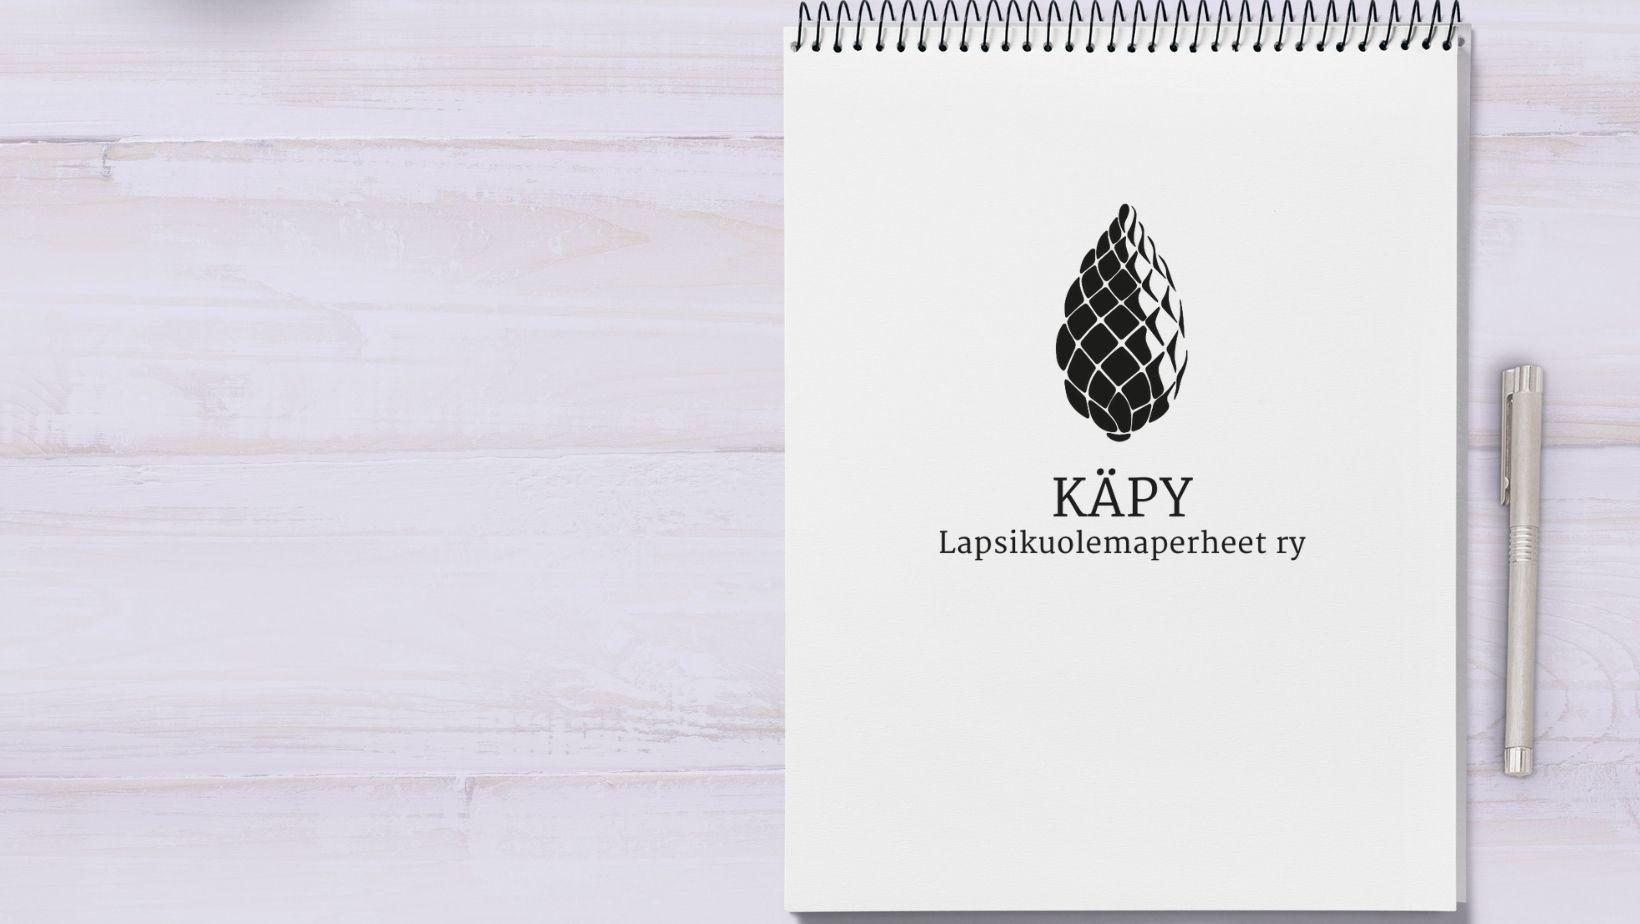 Käpy ry:n logo muistilehtiön päällä, vieressä kynä